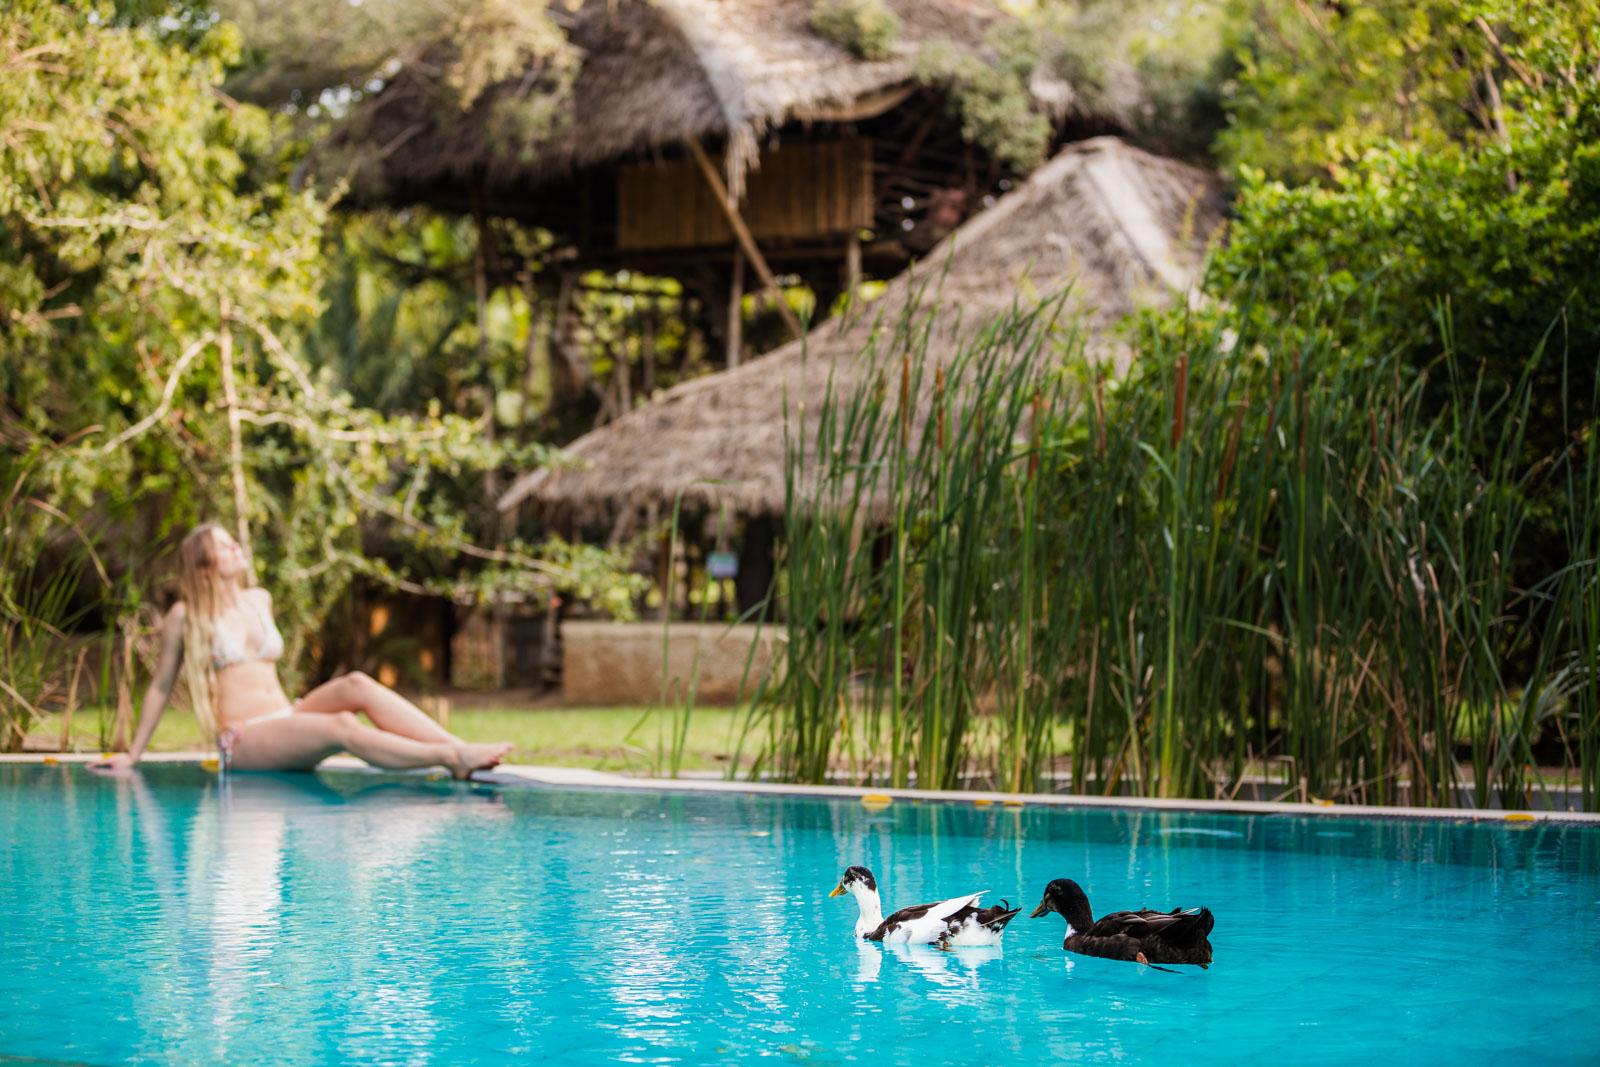 ducks-pool-eco-lodge-saraii-village-yala-sri-lanka